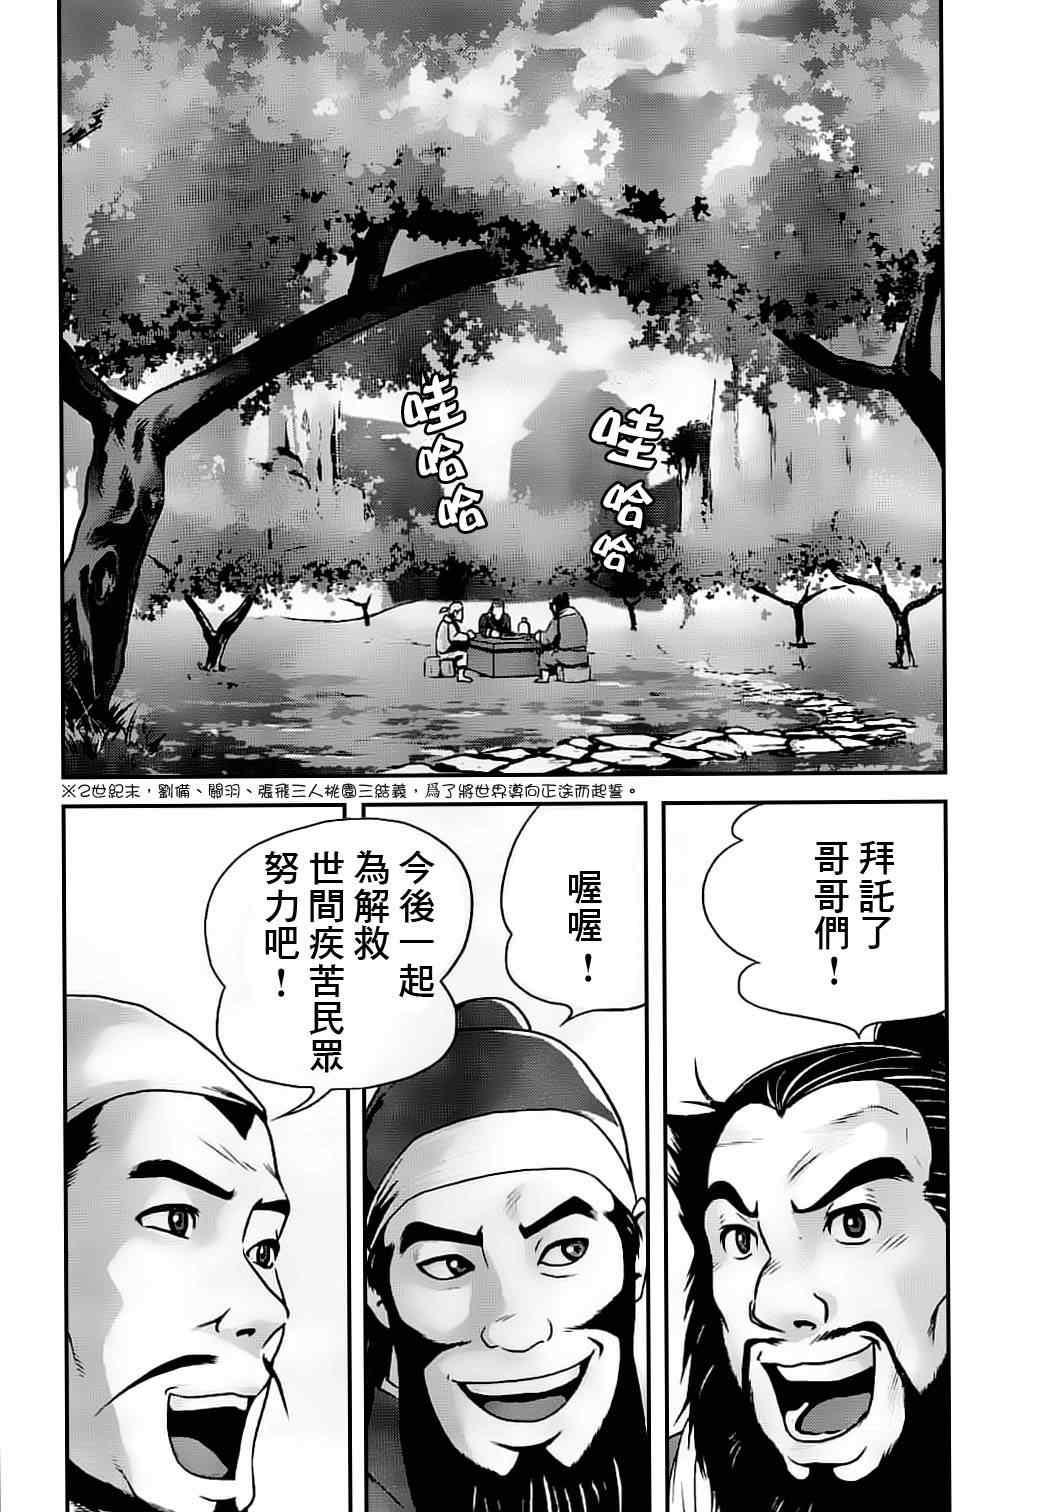 監獄學園(Prison School,監獄學園)漫畫045集(第1頁)_監獄學園045集劇情-看漫畫